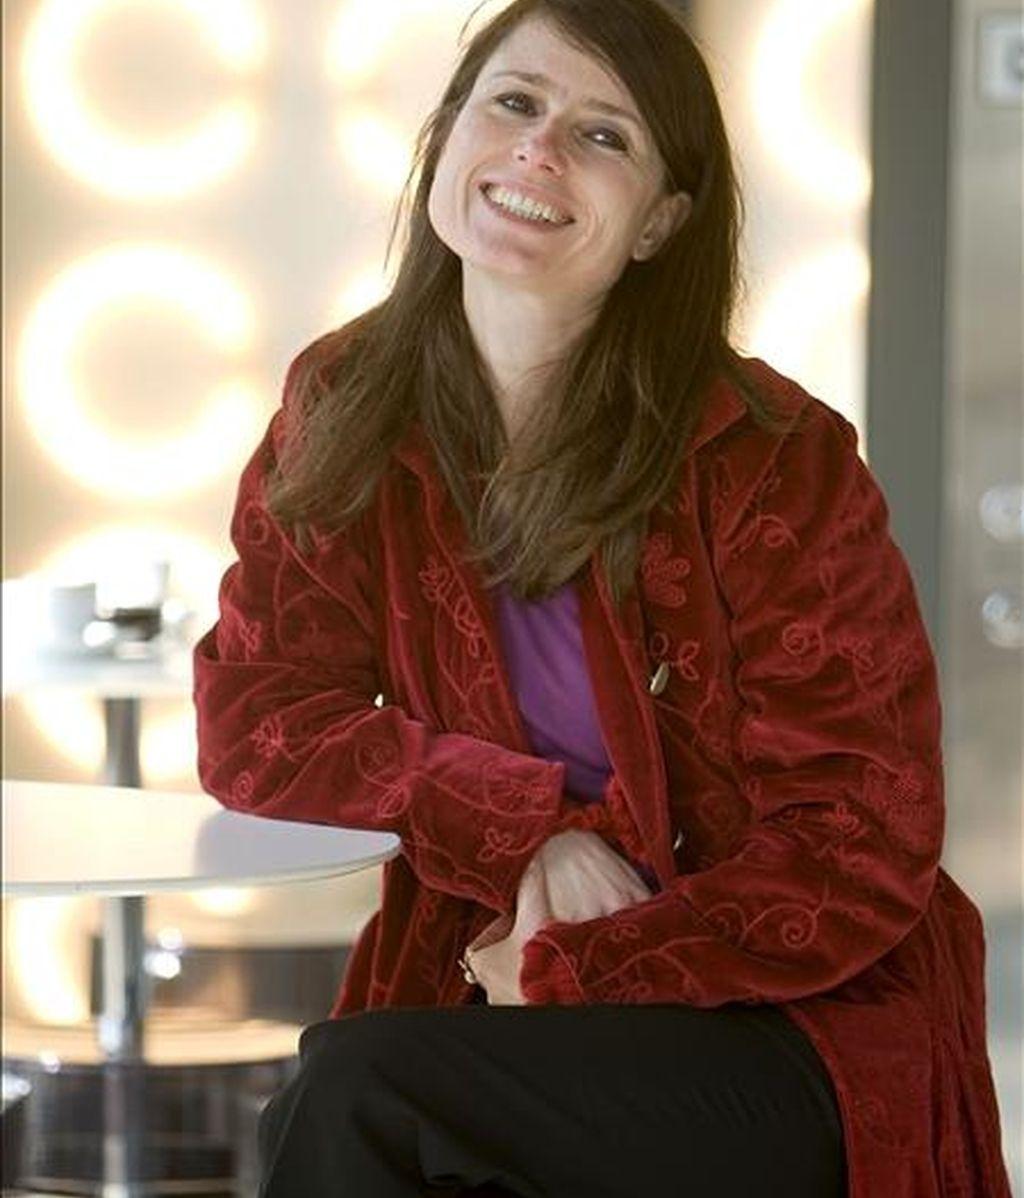 """La directora de """"La caja de Pandora"""", Yesim Ustaoglu, ganadora de la última Concha de Oro del Zinemaldia, posa tras la proyección de su filme en el Festival de Cine y Derechos Humanos que se celebra en San Sebastián. EFE"""